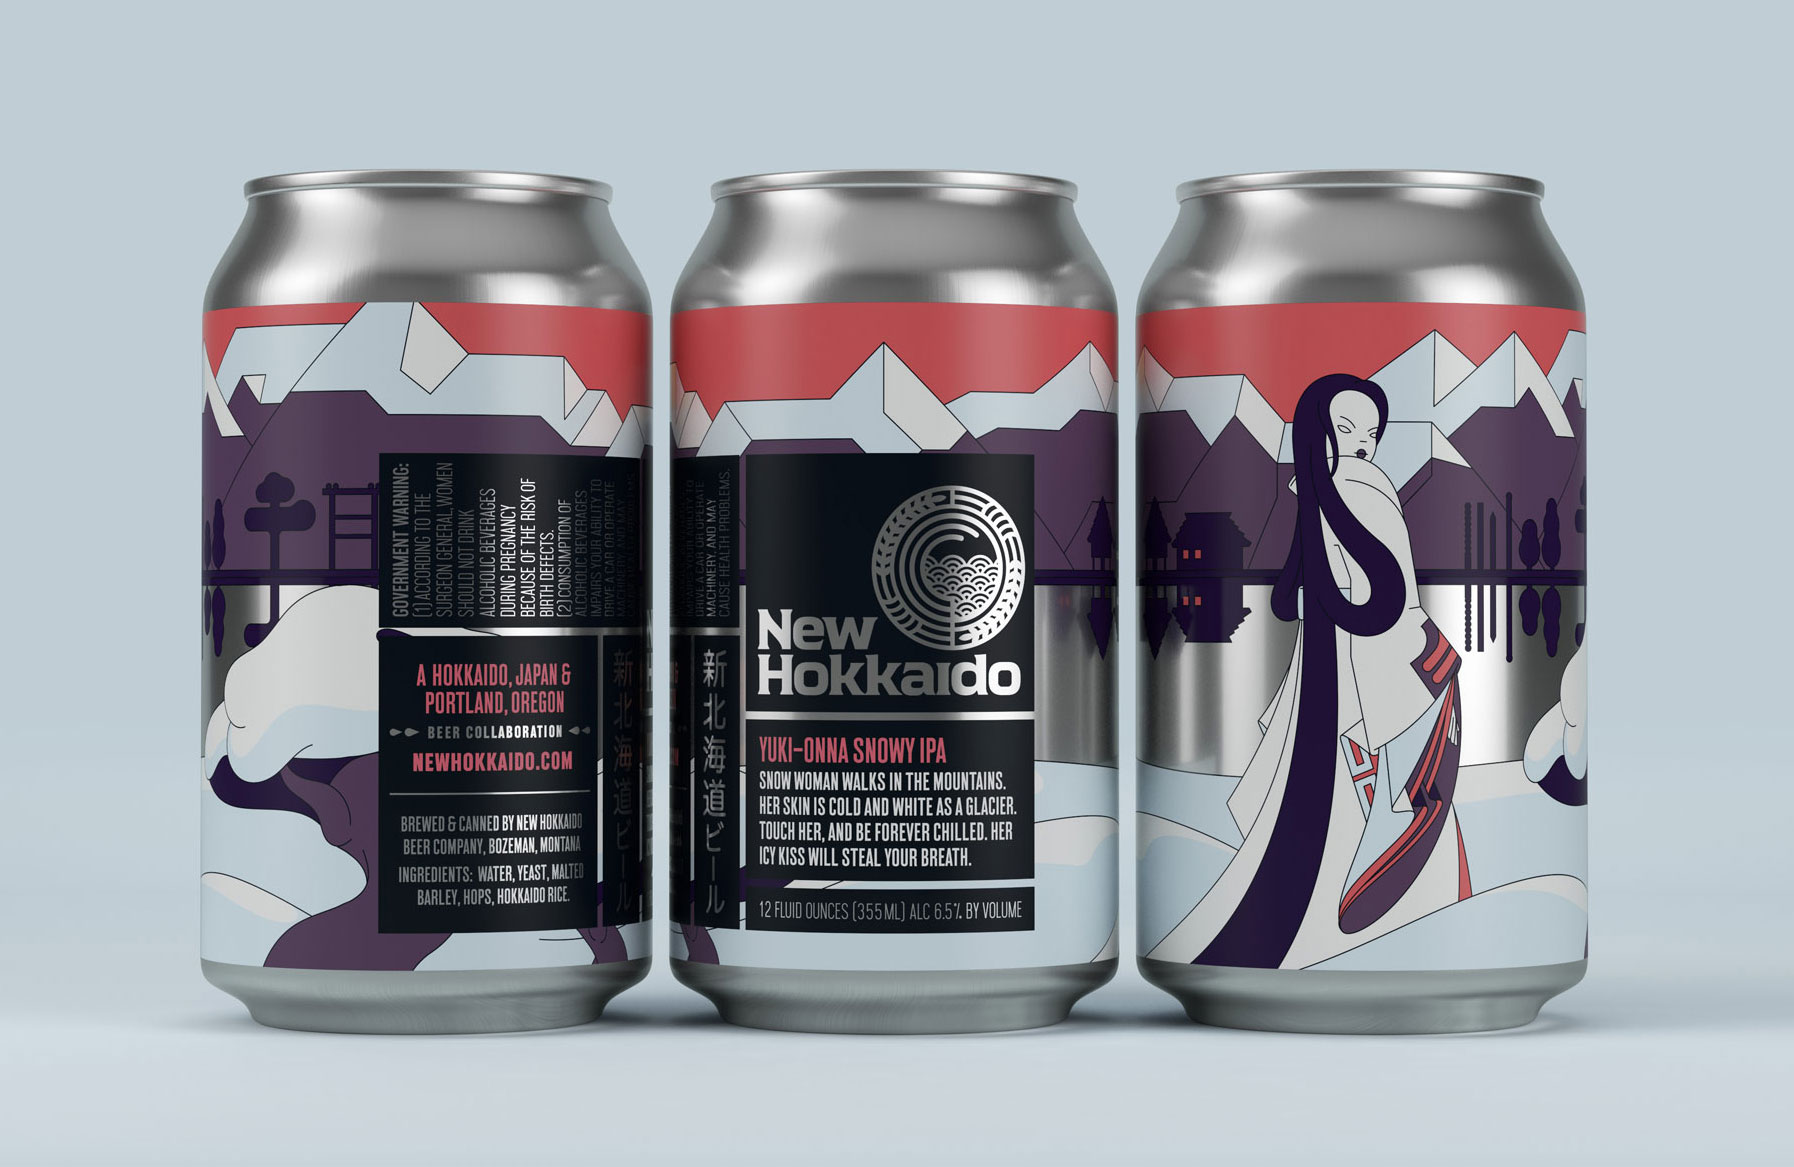 啤酒包装设计和麦芽饮料包装设计